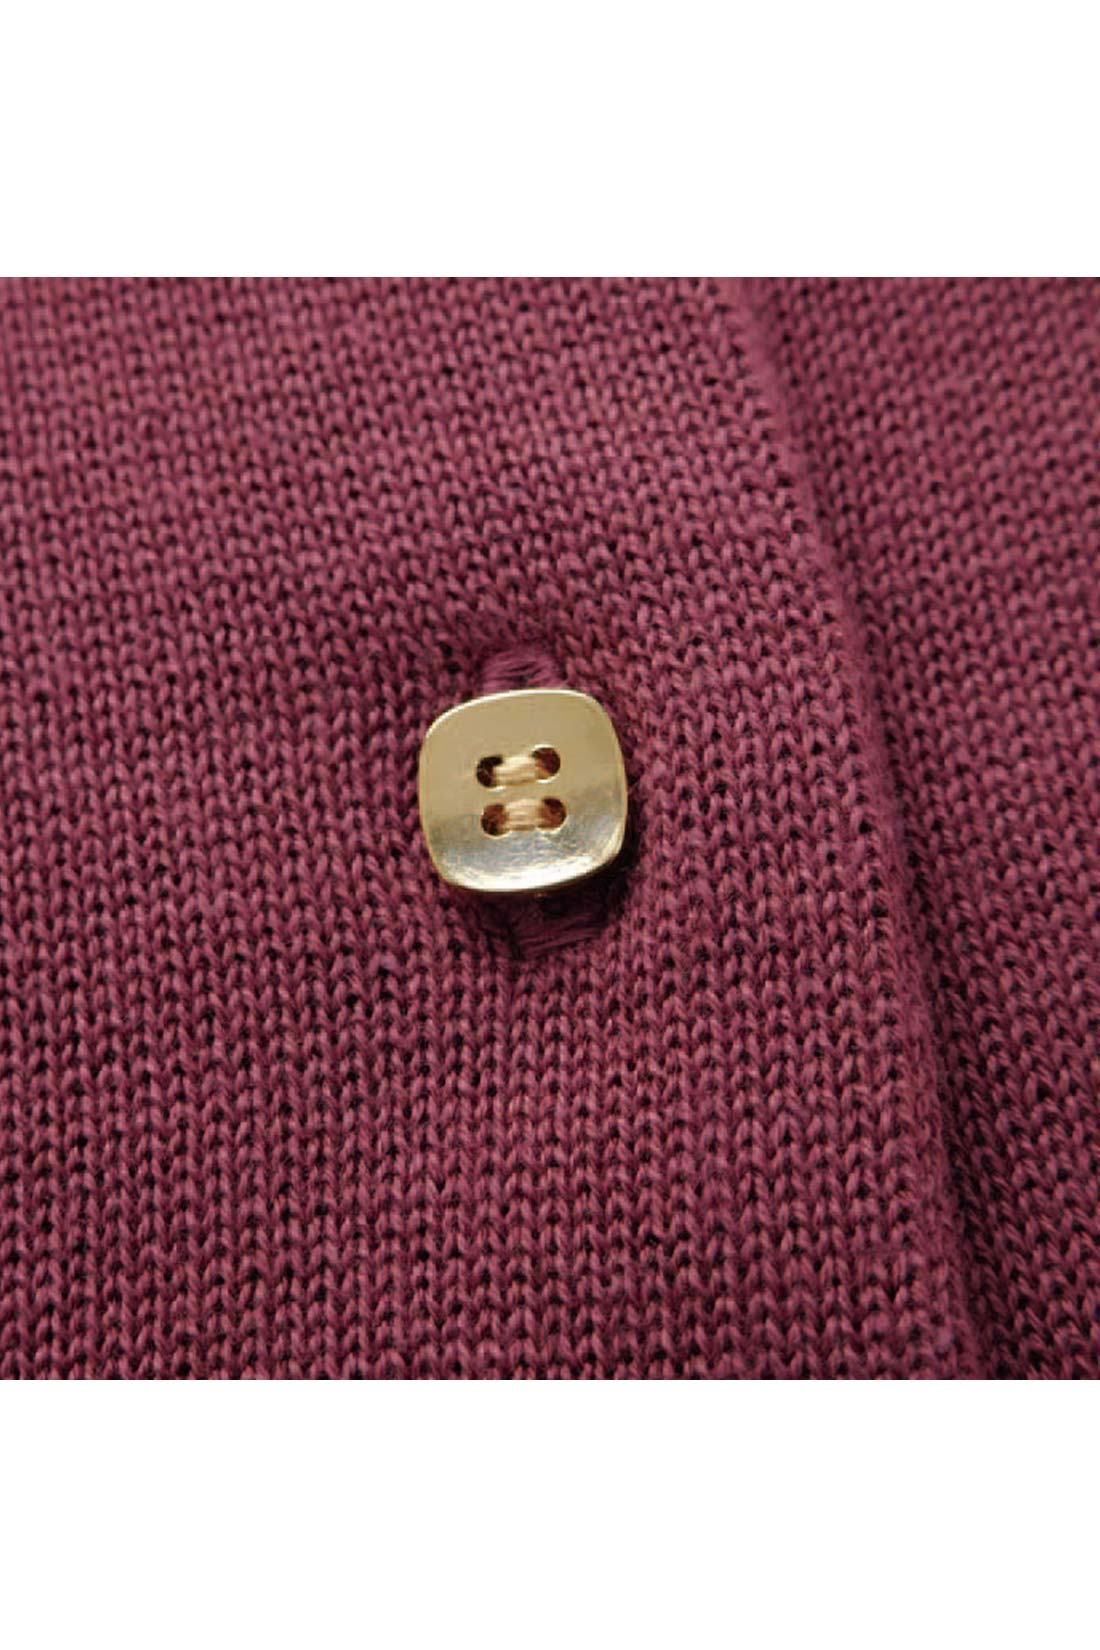 [キラリ。]金色ボタンで、少しおすましテイストに仕上げたよ。 ※お届けするカラーとは異なります。